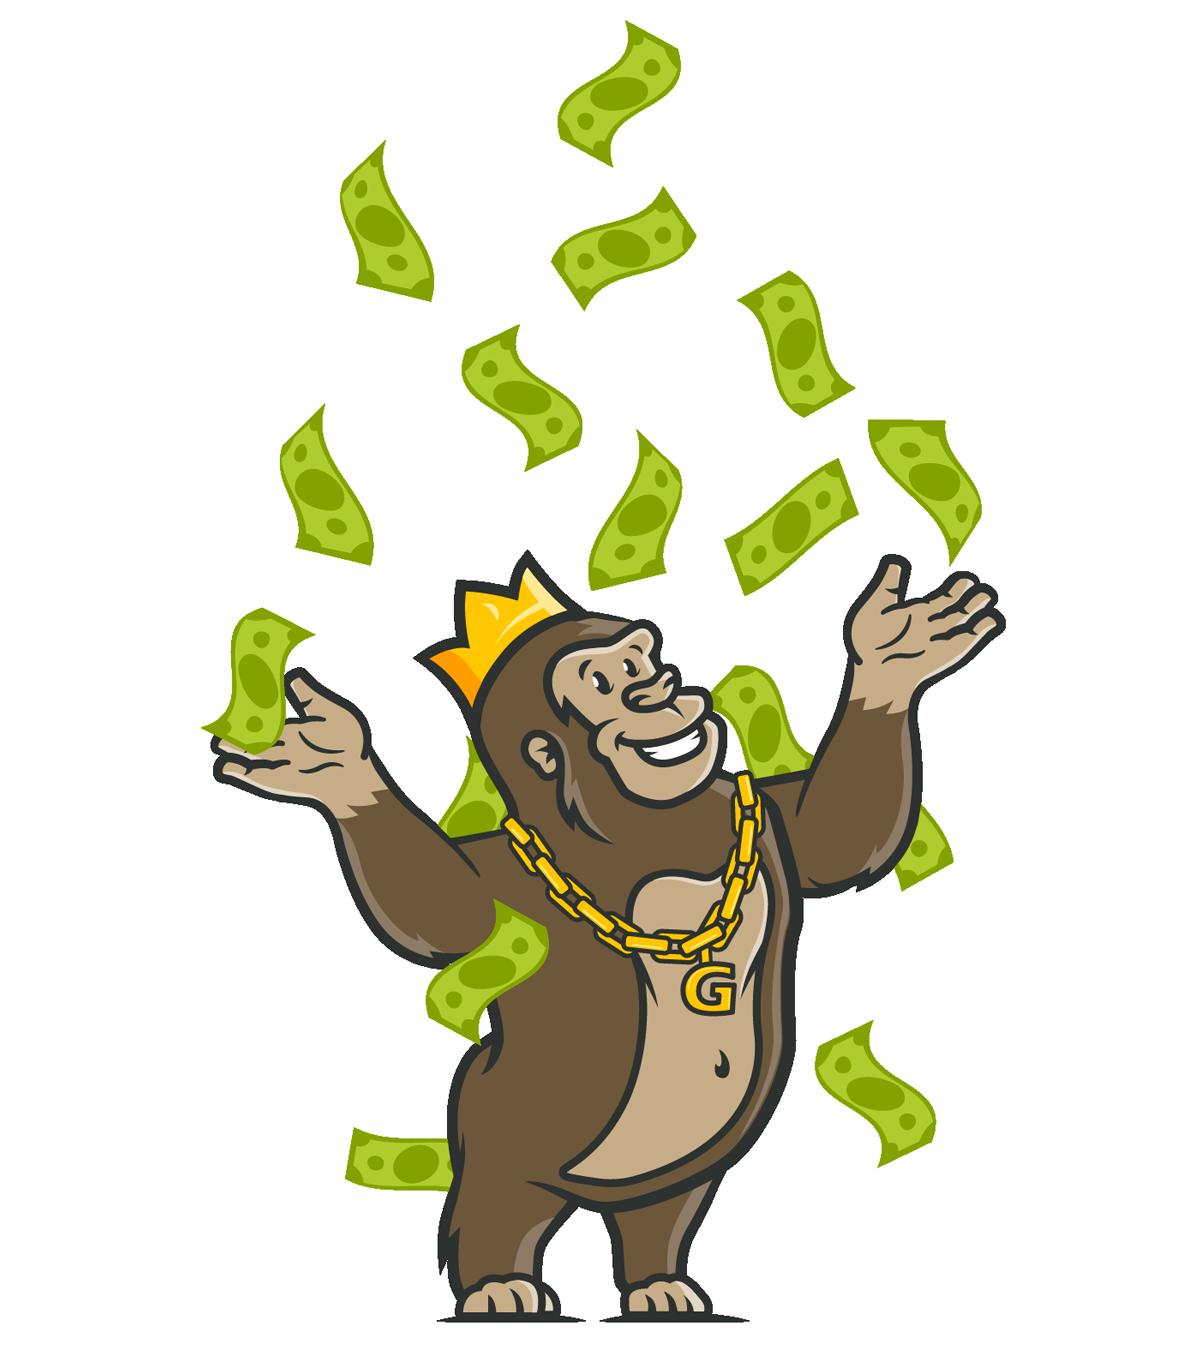 Casino Gorilla graphics